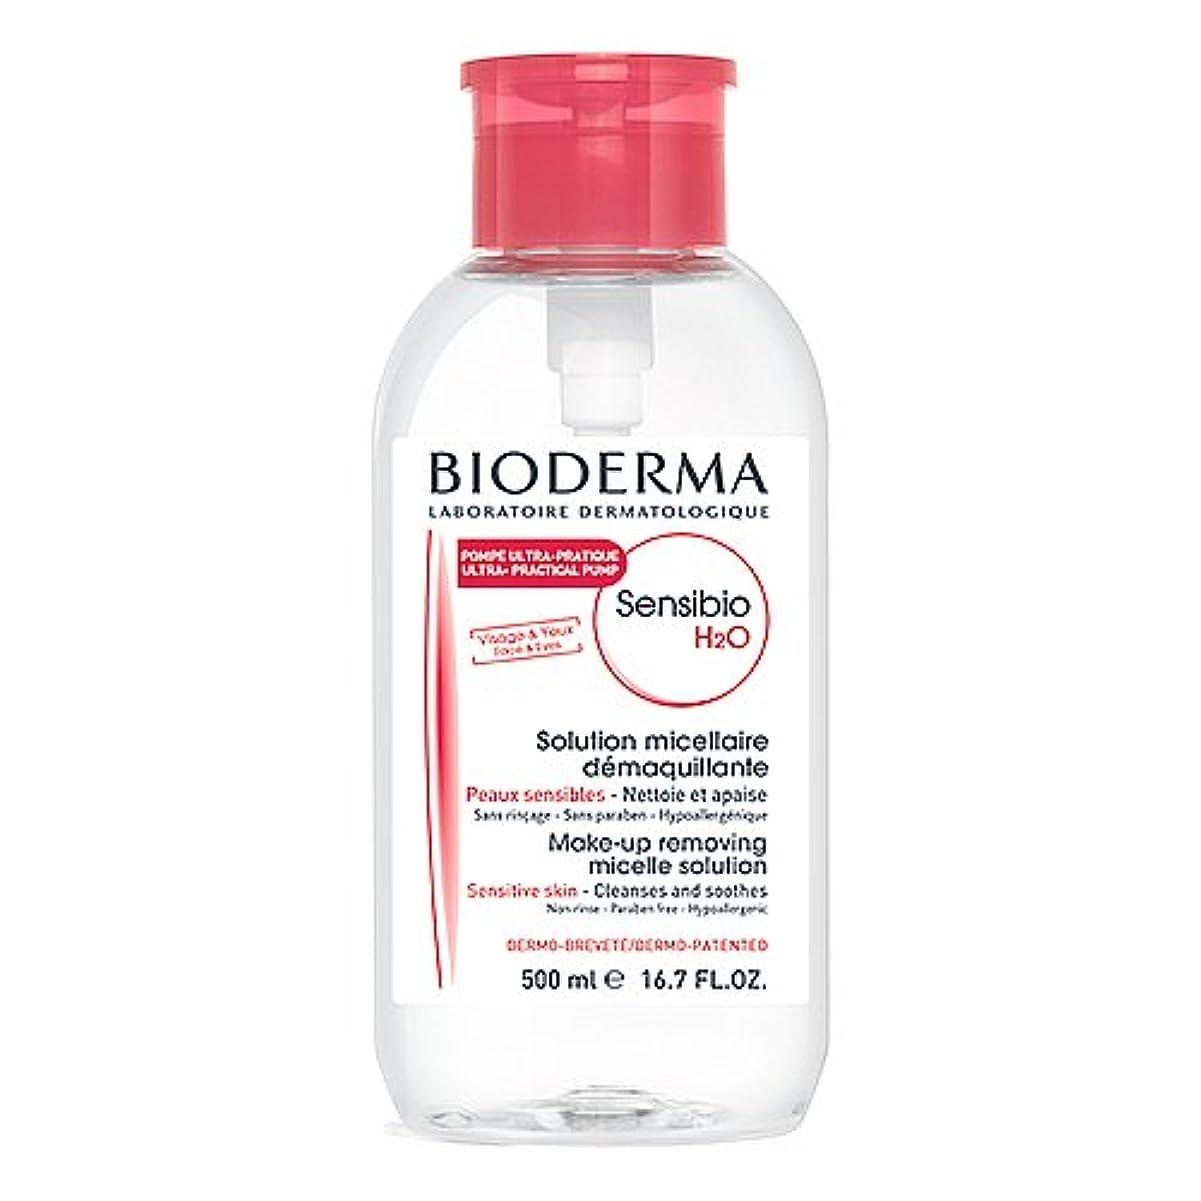 シャープ騙すベリービオデルマ BIODERMA サンシビオ H2O エイチツーオー D 500ml ポンプタイプ